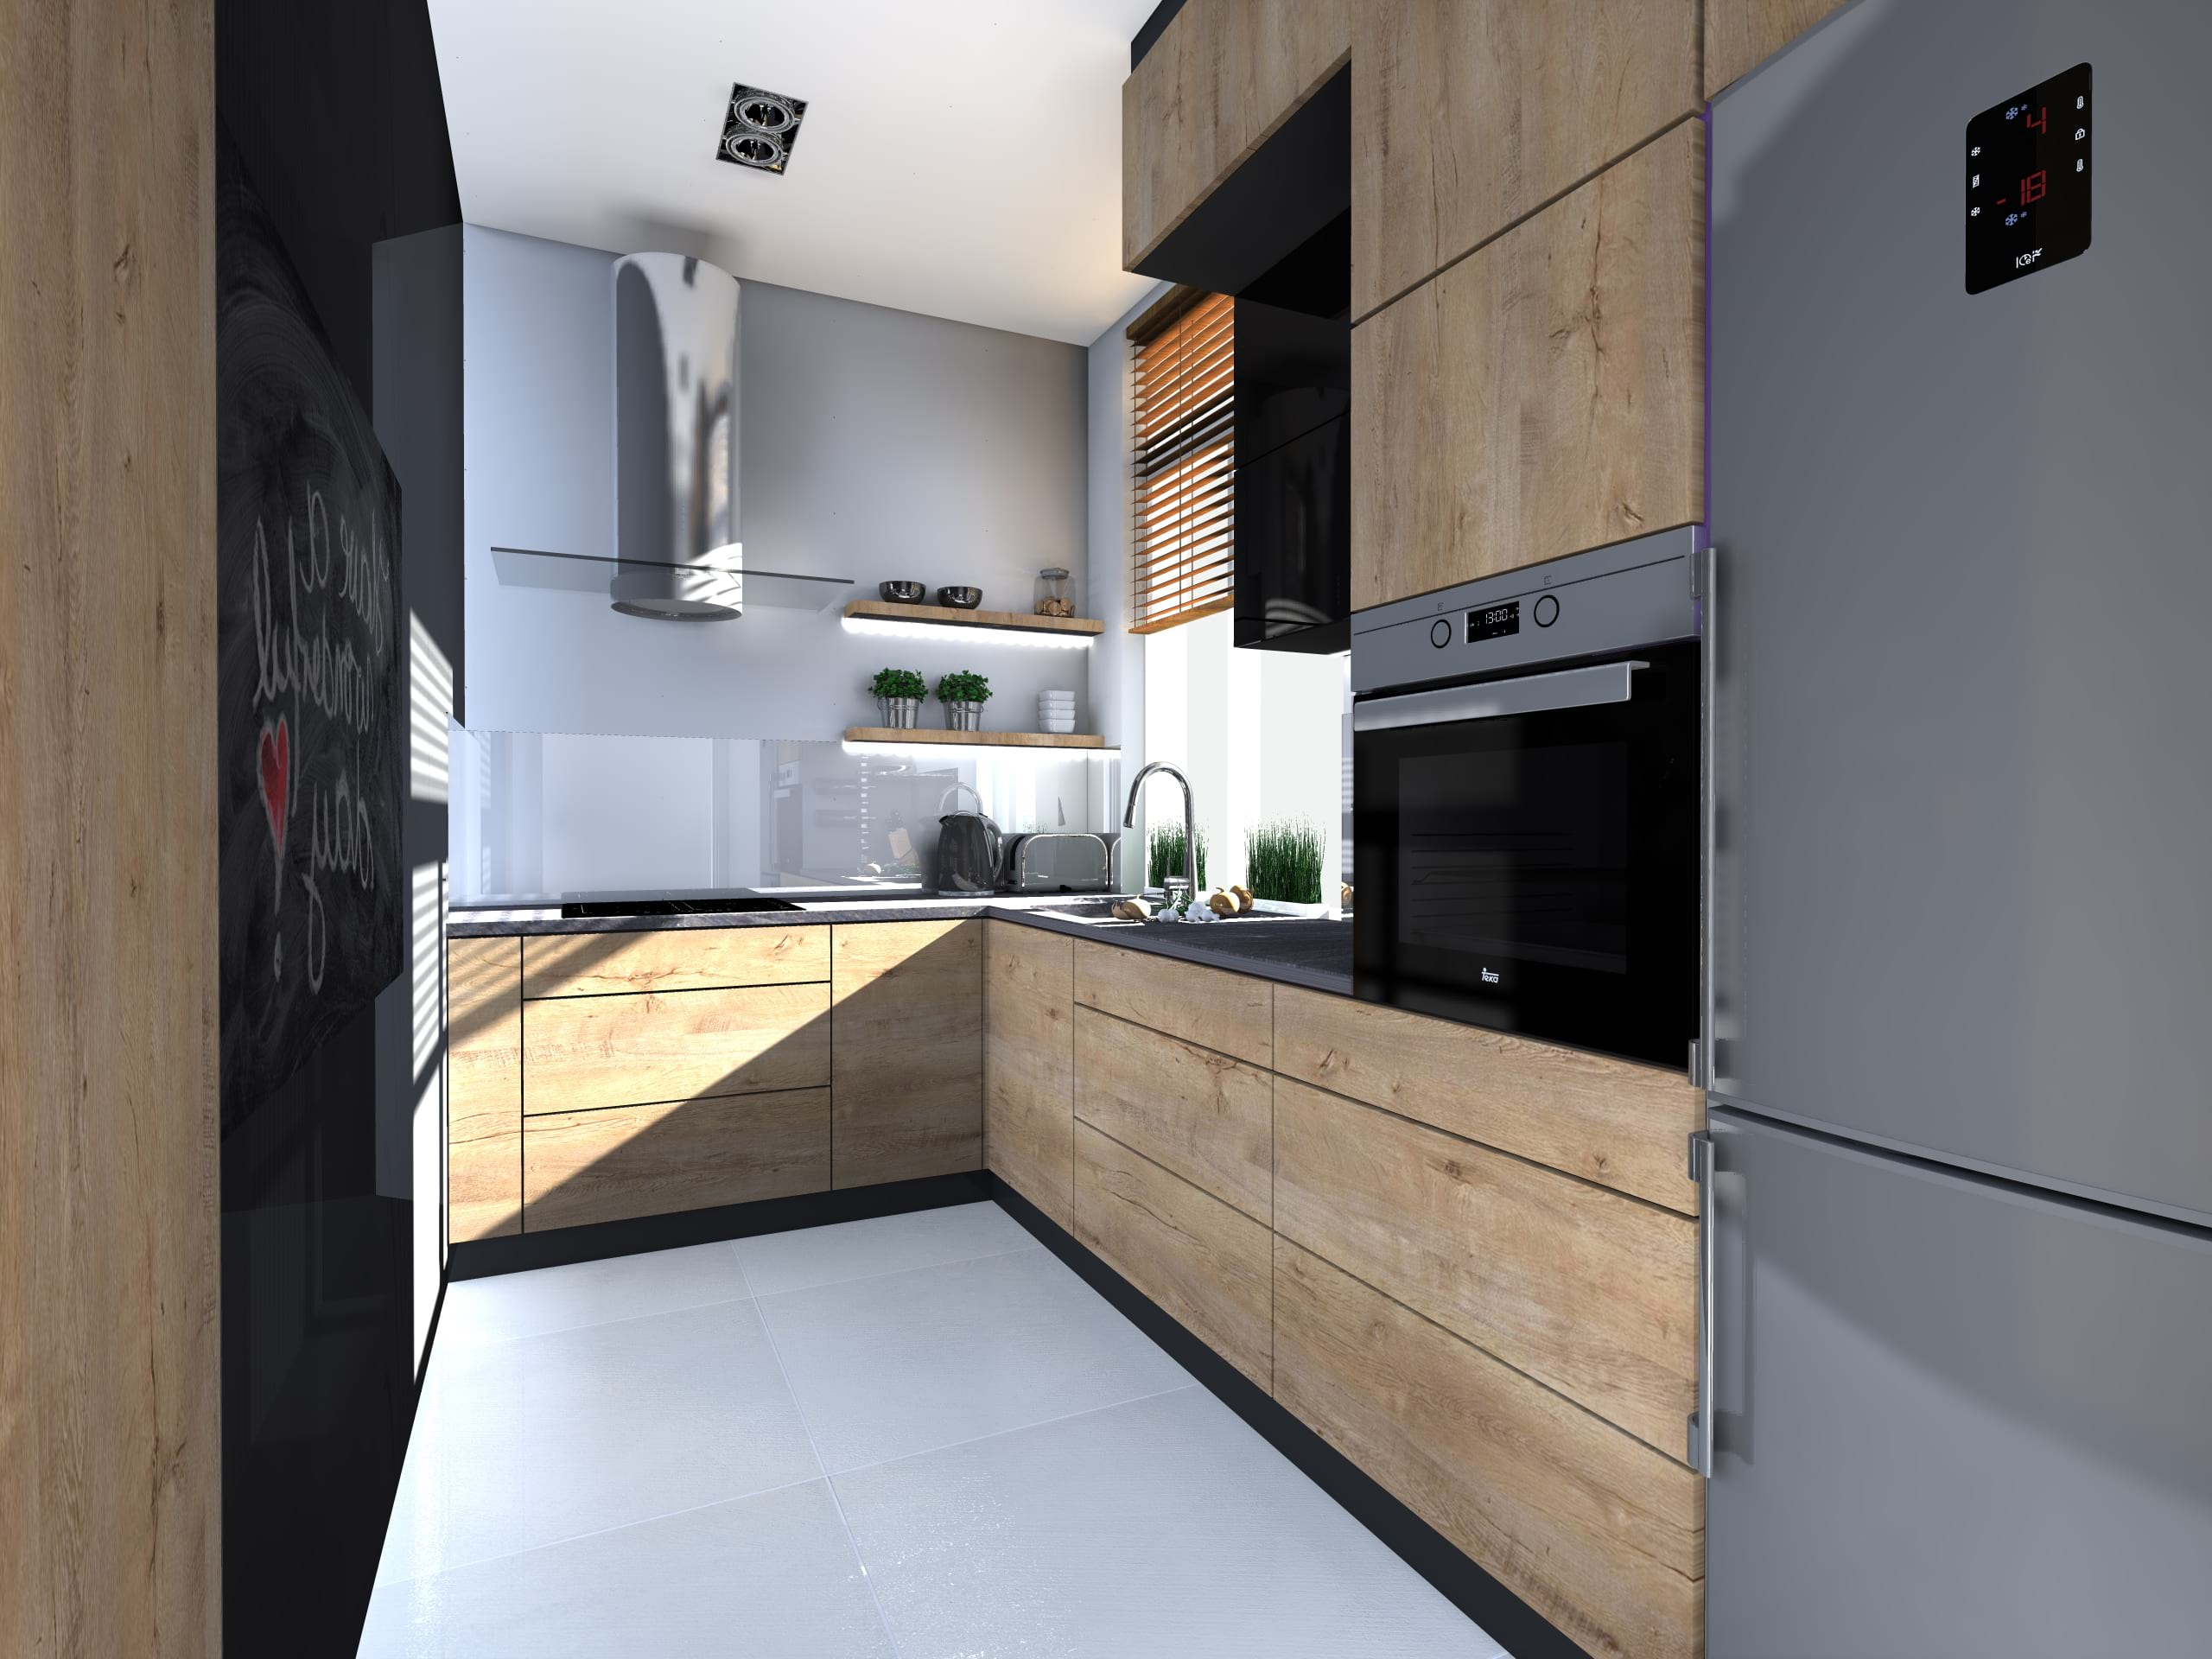 Projekty I Aranzacje Kuchni Architekt Wnetrz Dorota Bykowska